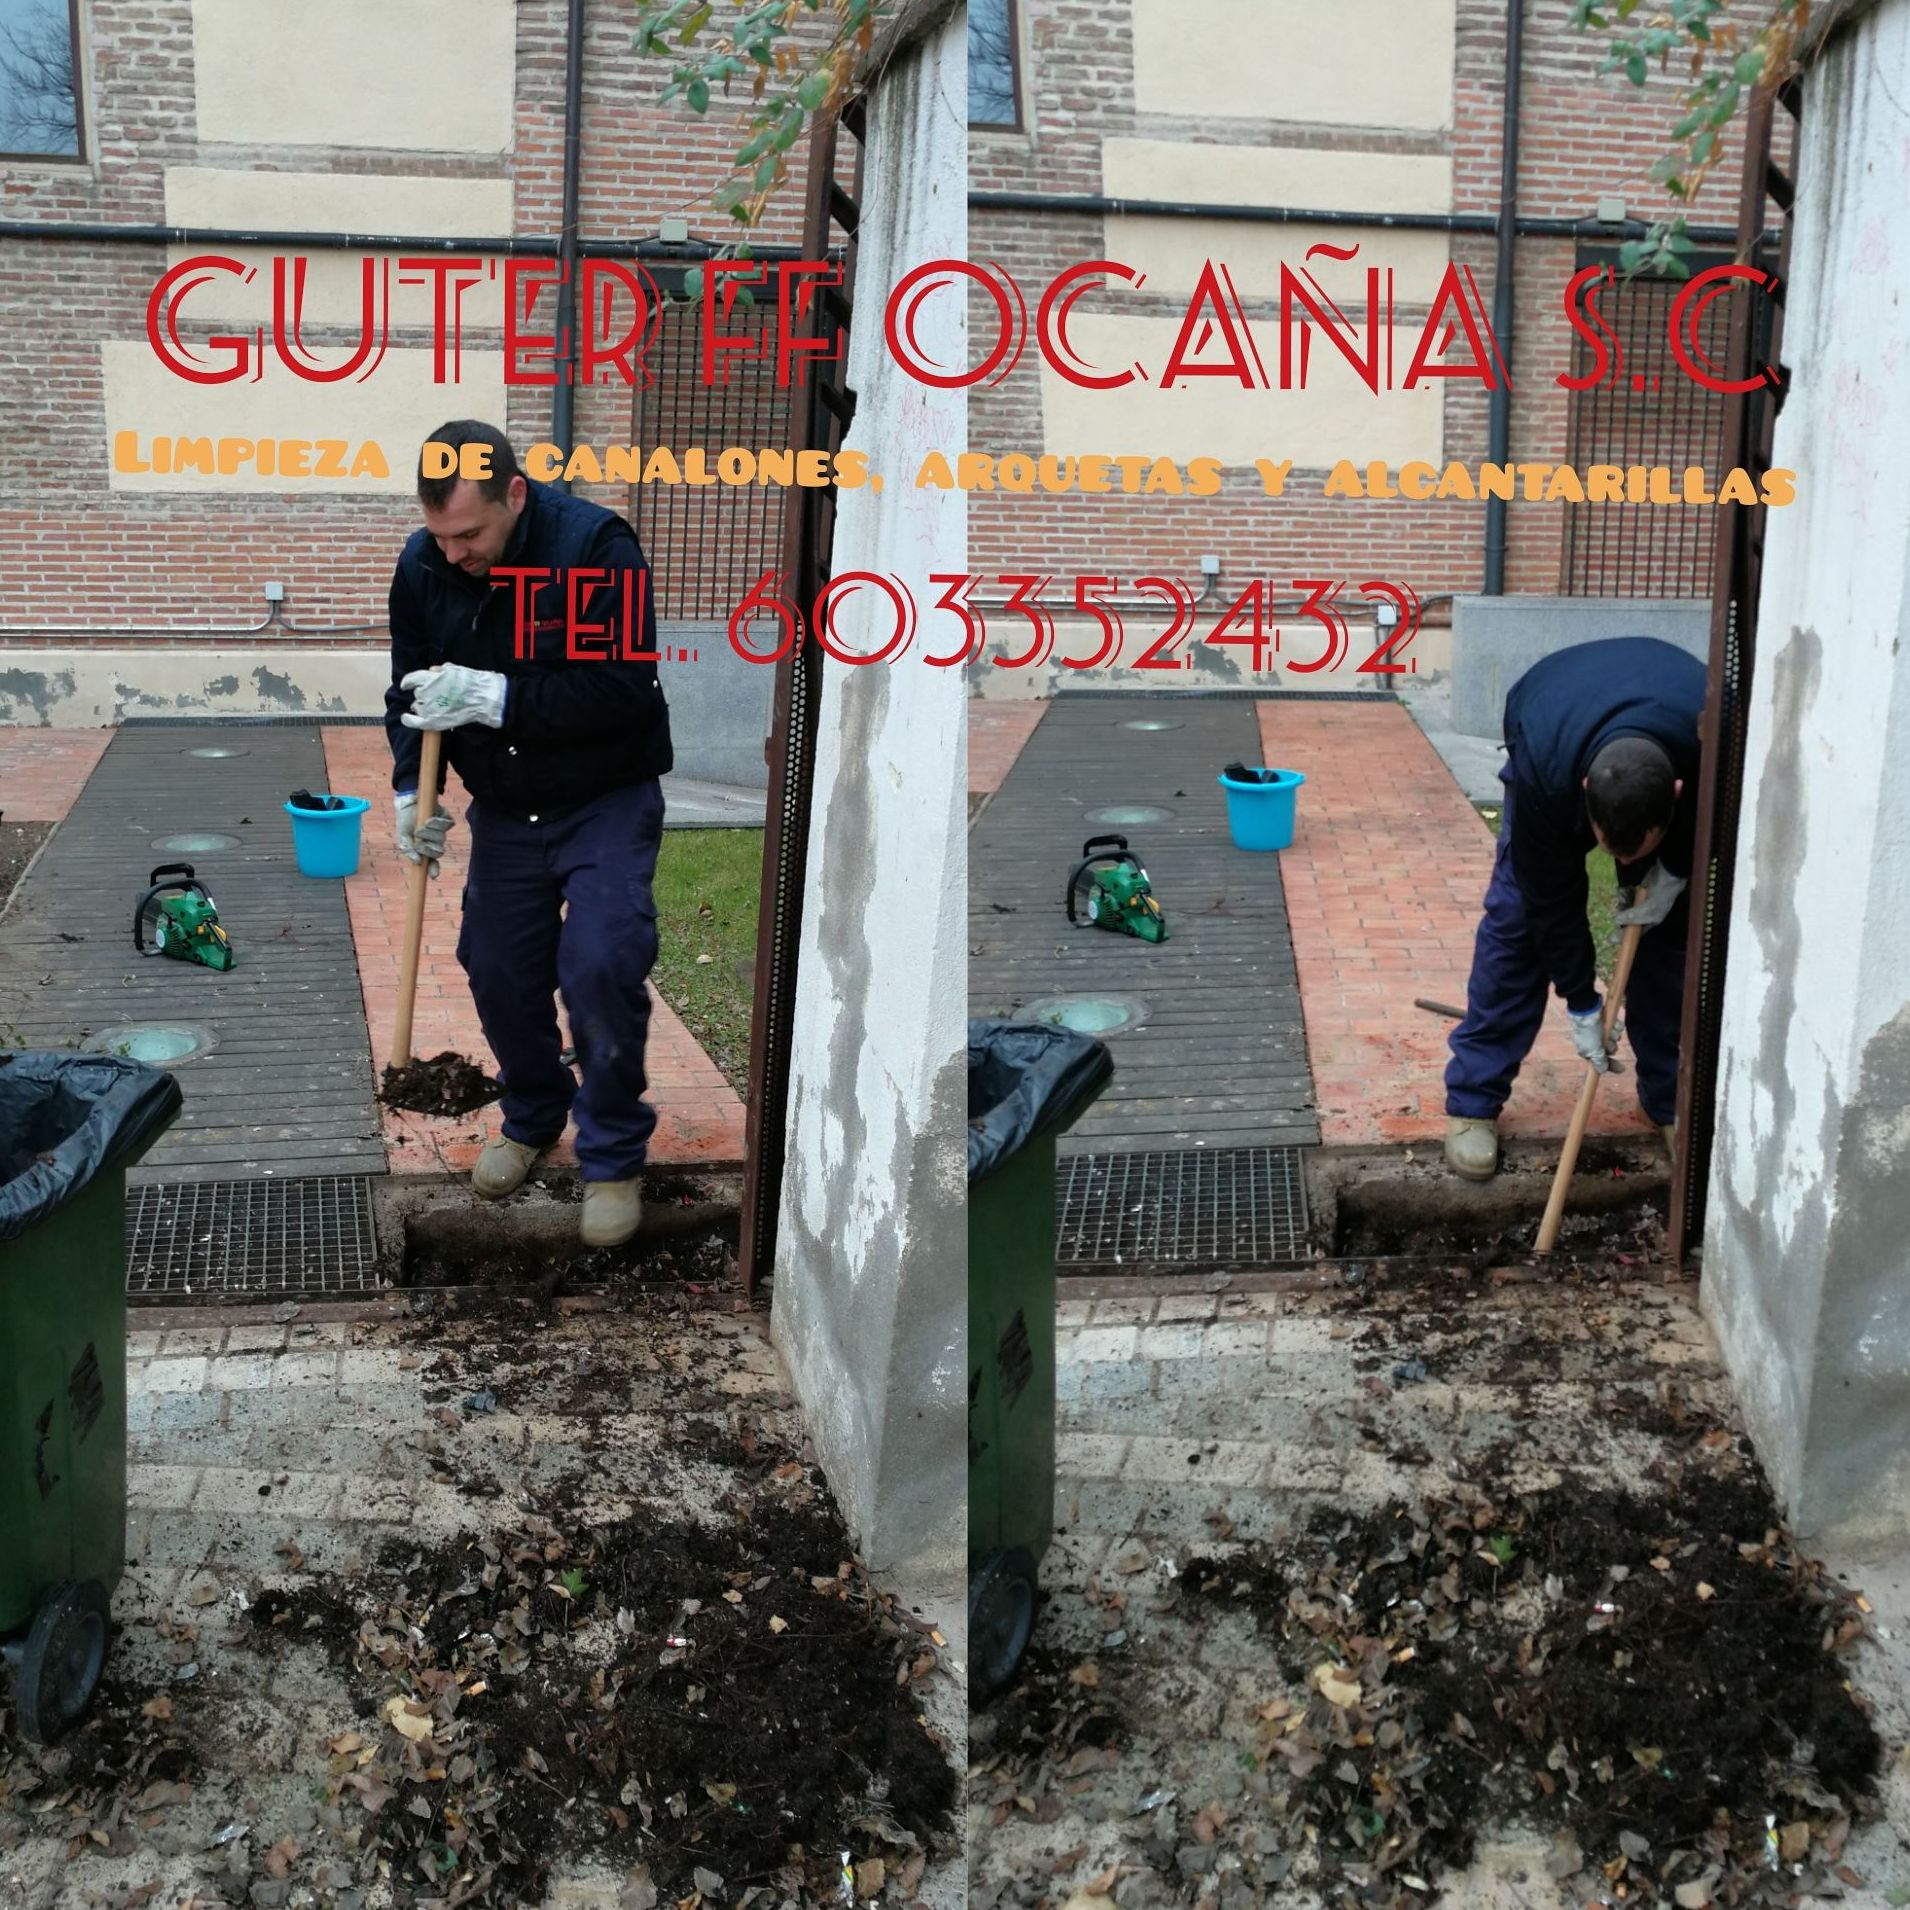 Limpieza de canalones  arquetas y alcantarillas